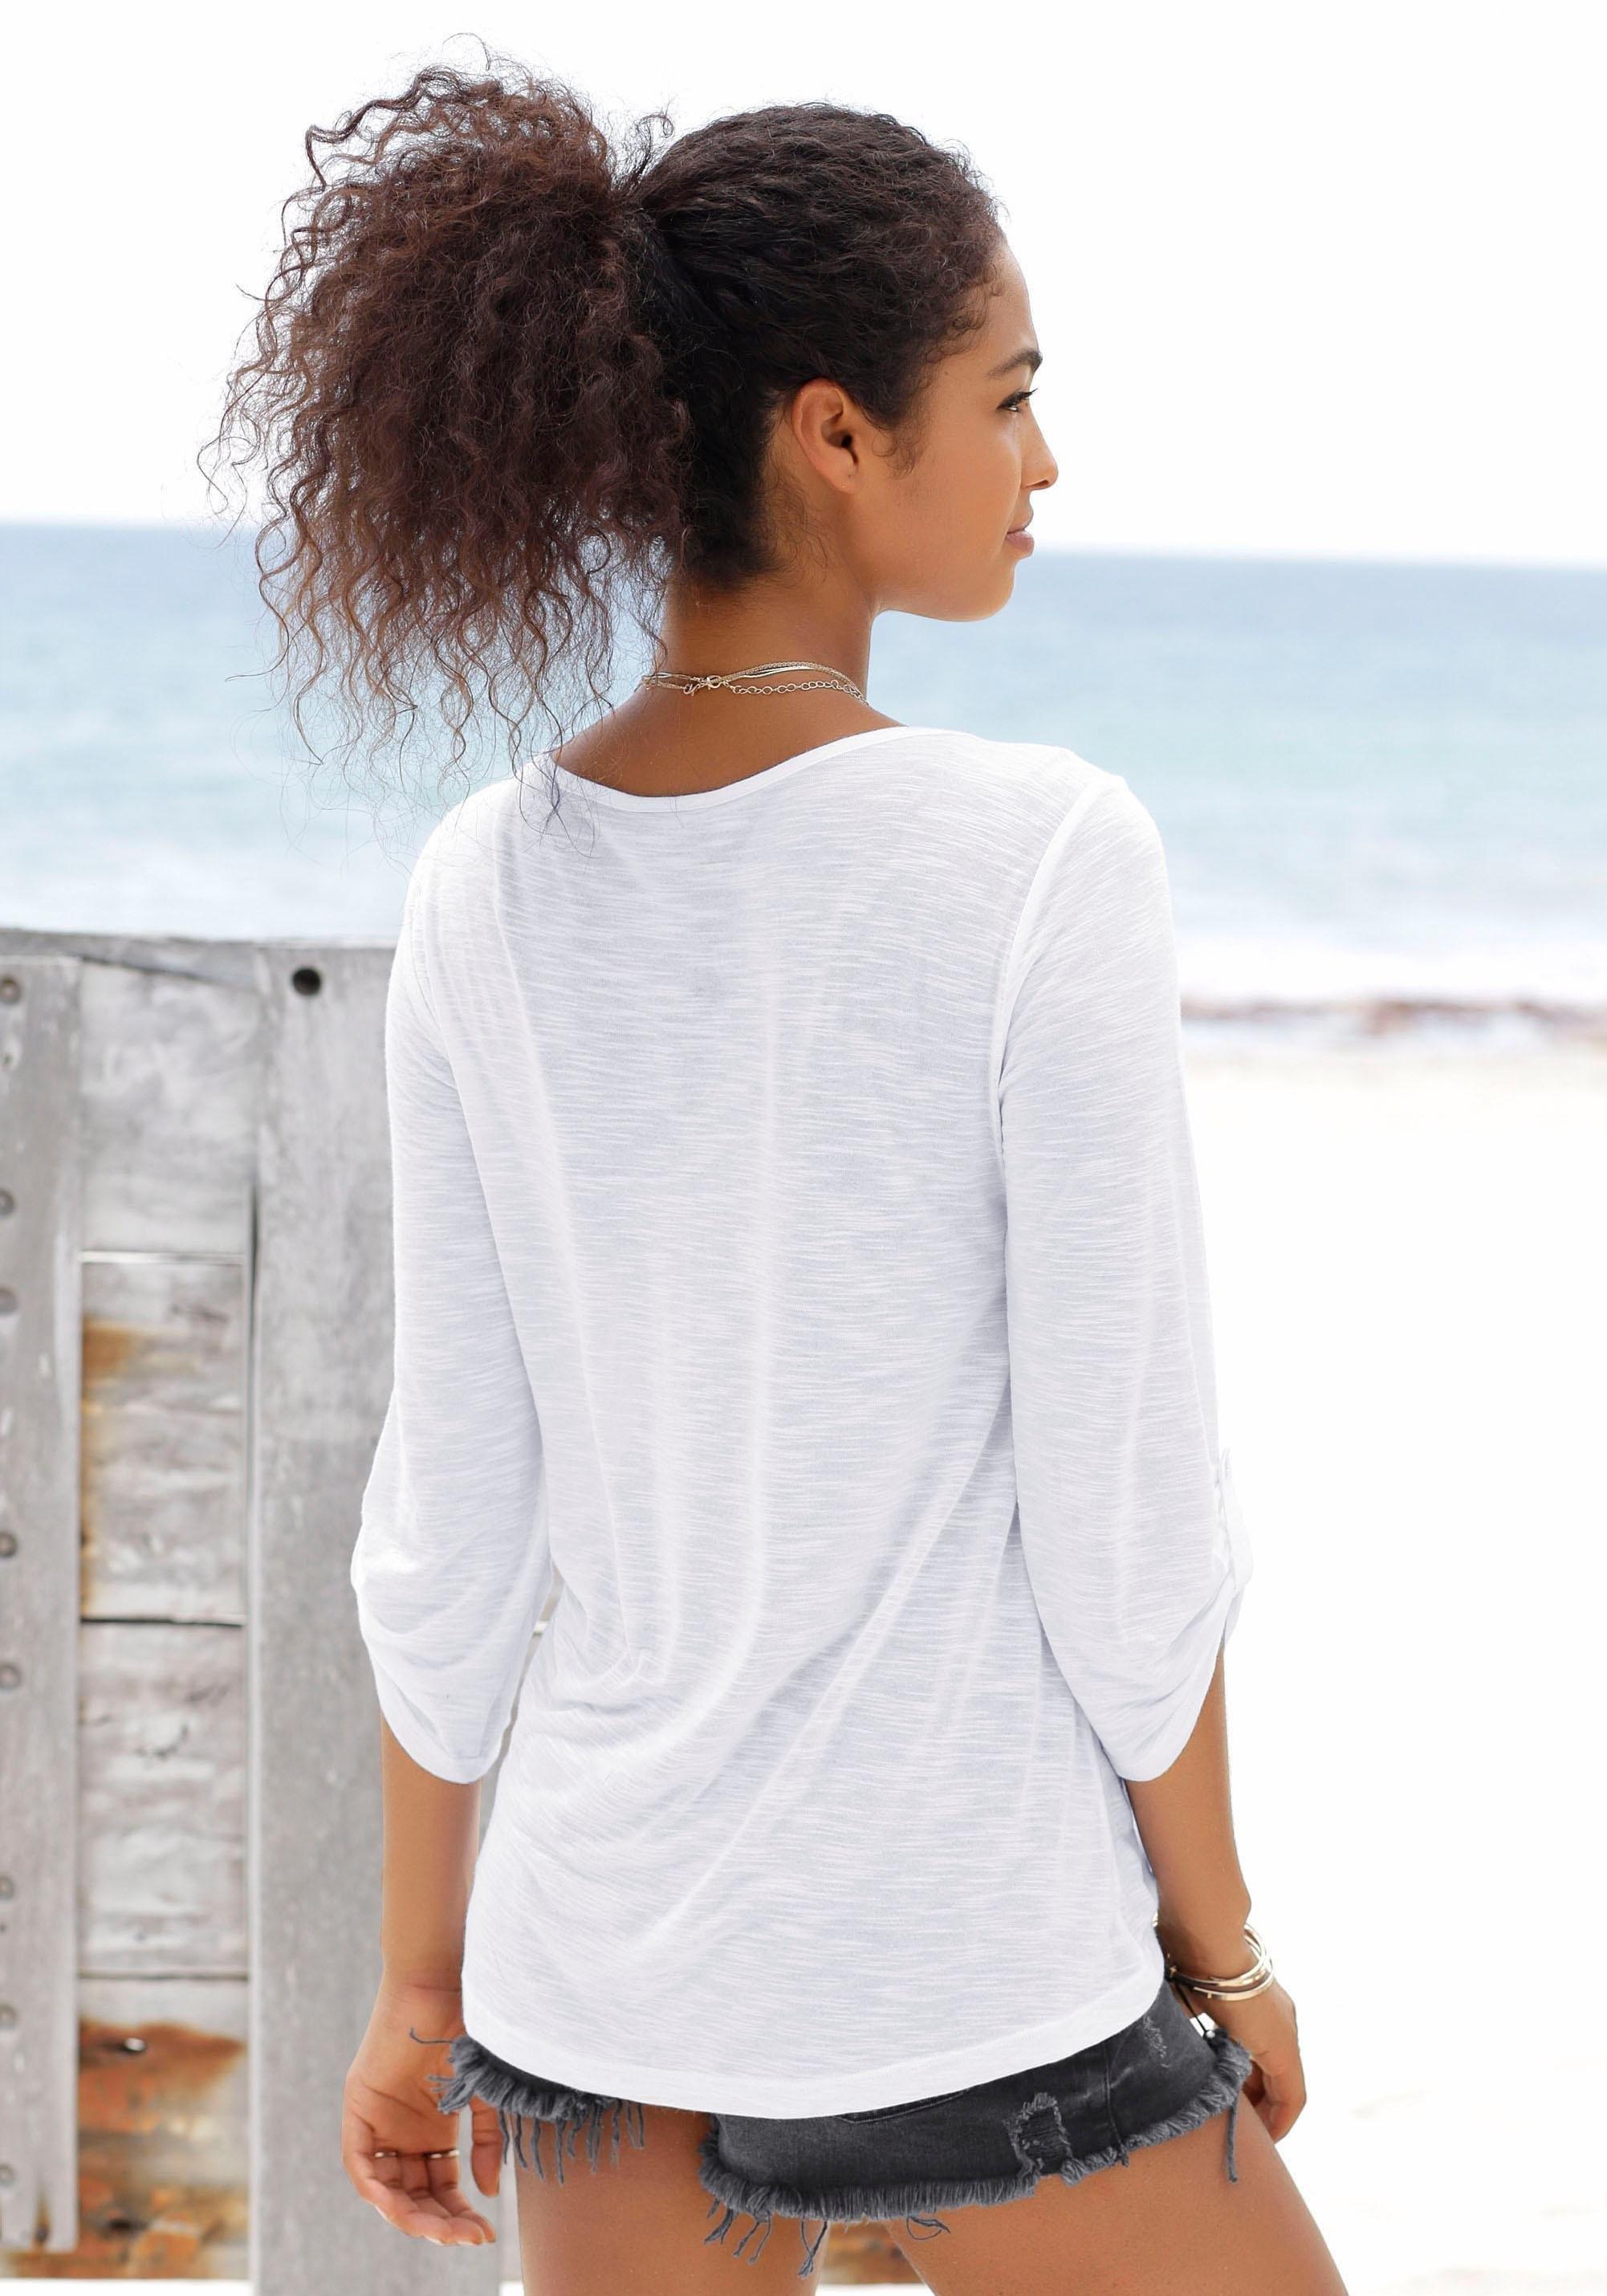 Bestellen Lascana Strandshirt Nu Lascana Online kXZuPi